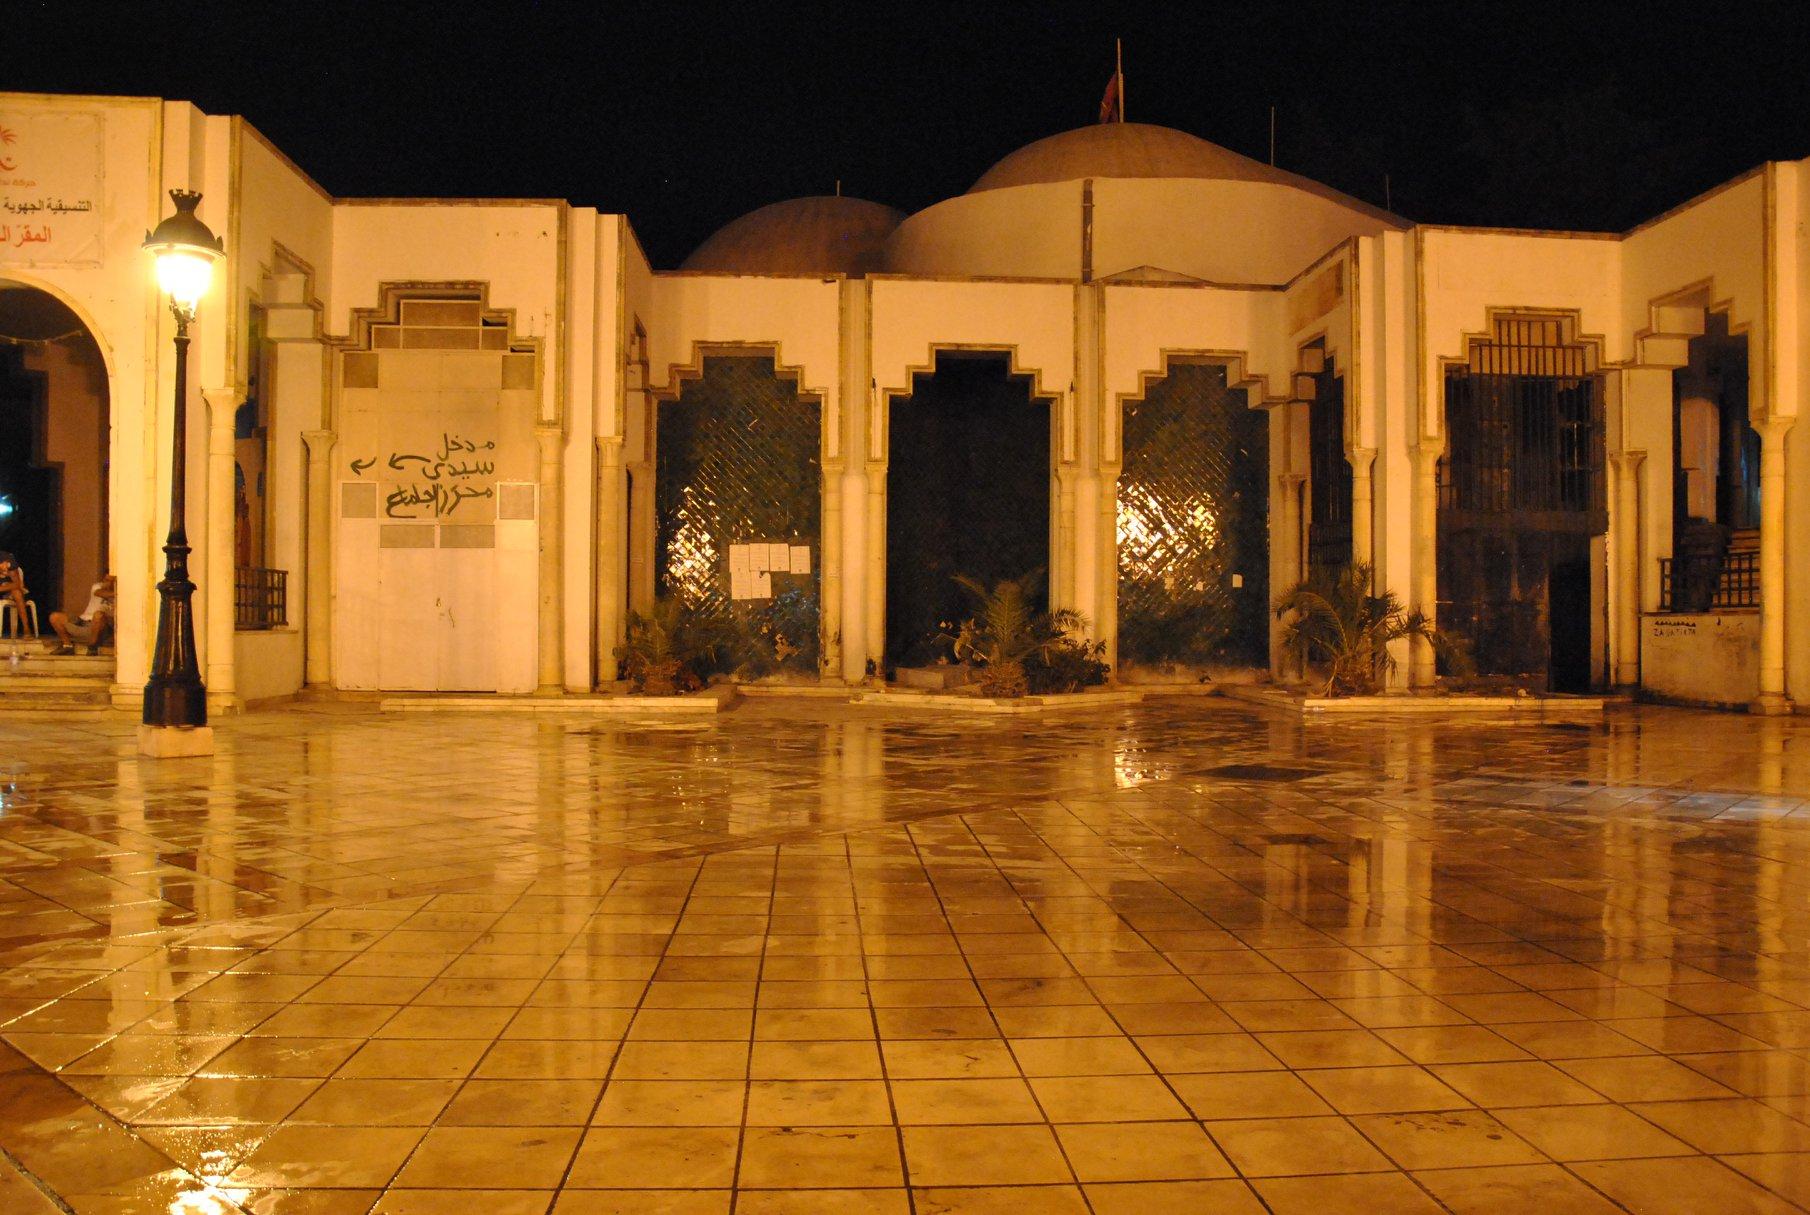 بالصّور : سعاد عبد الرّحيم تشرف على حملة النظافة بدائرة باب سويقة